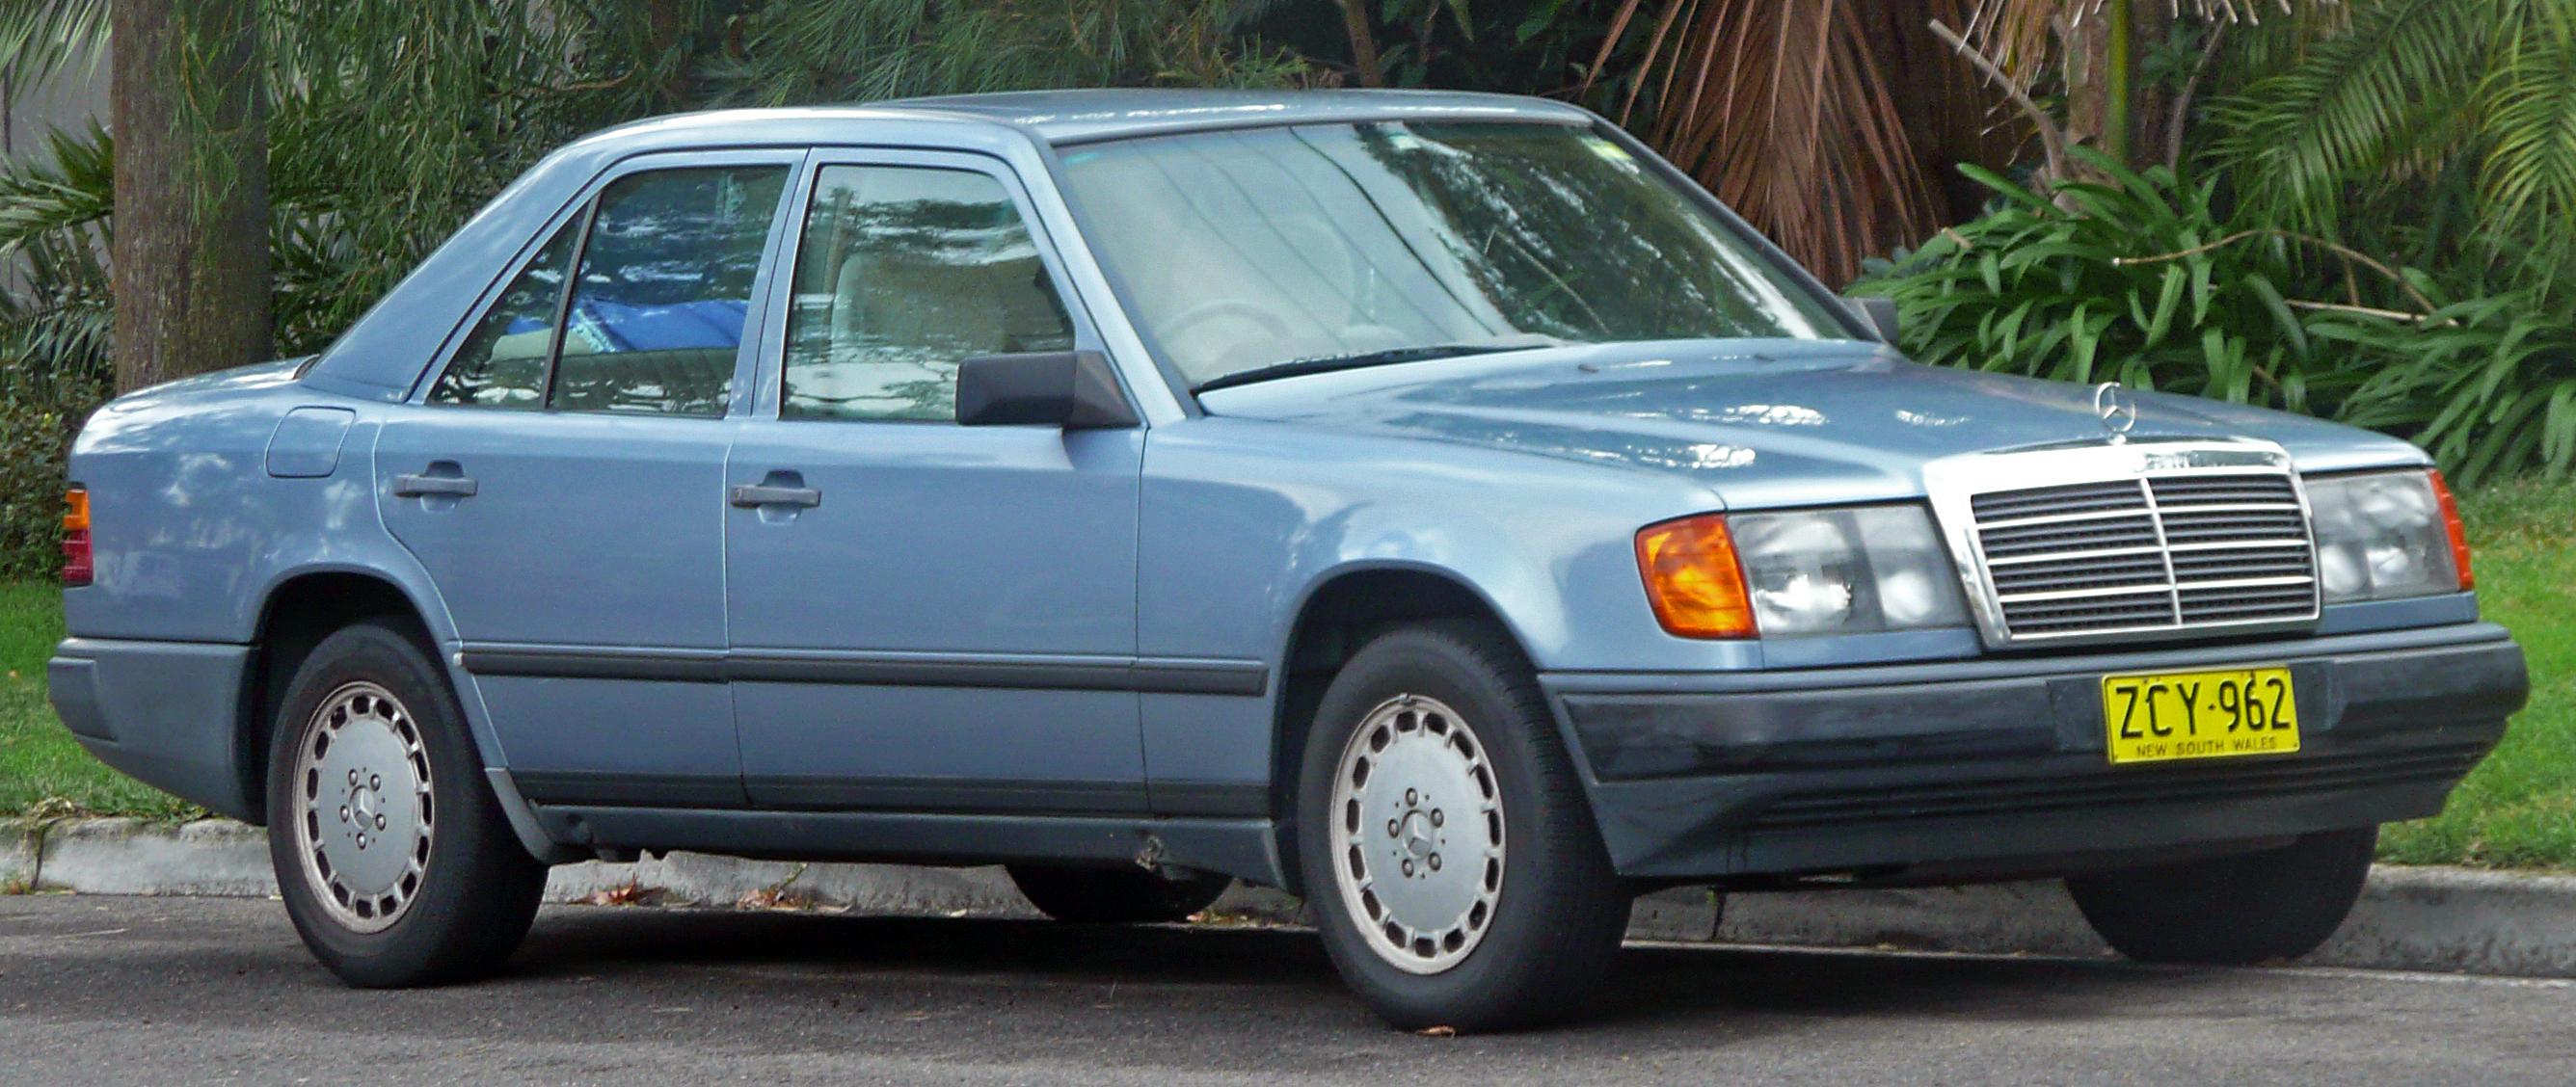 Piece SERIE 124 : pieces Mercedes Benz SERIE 124 moins chères